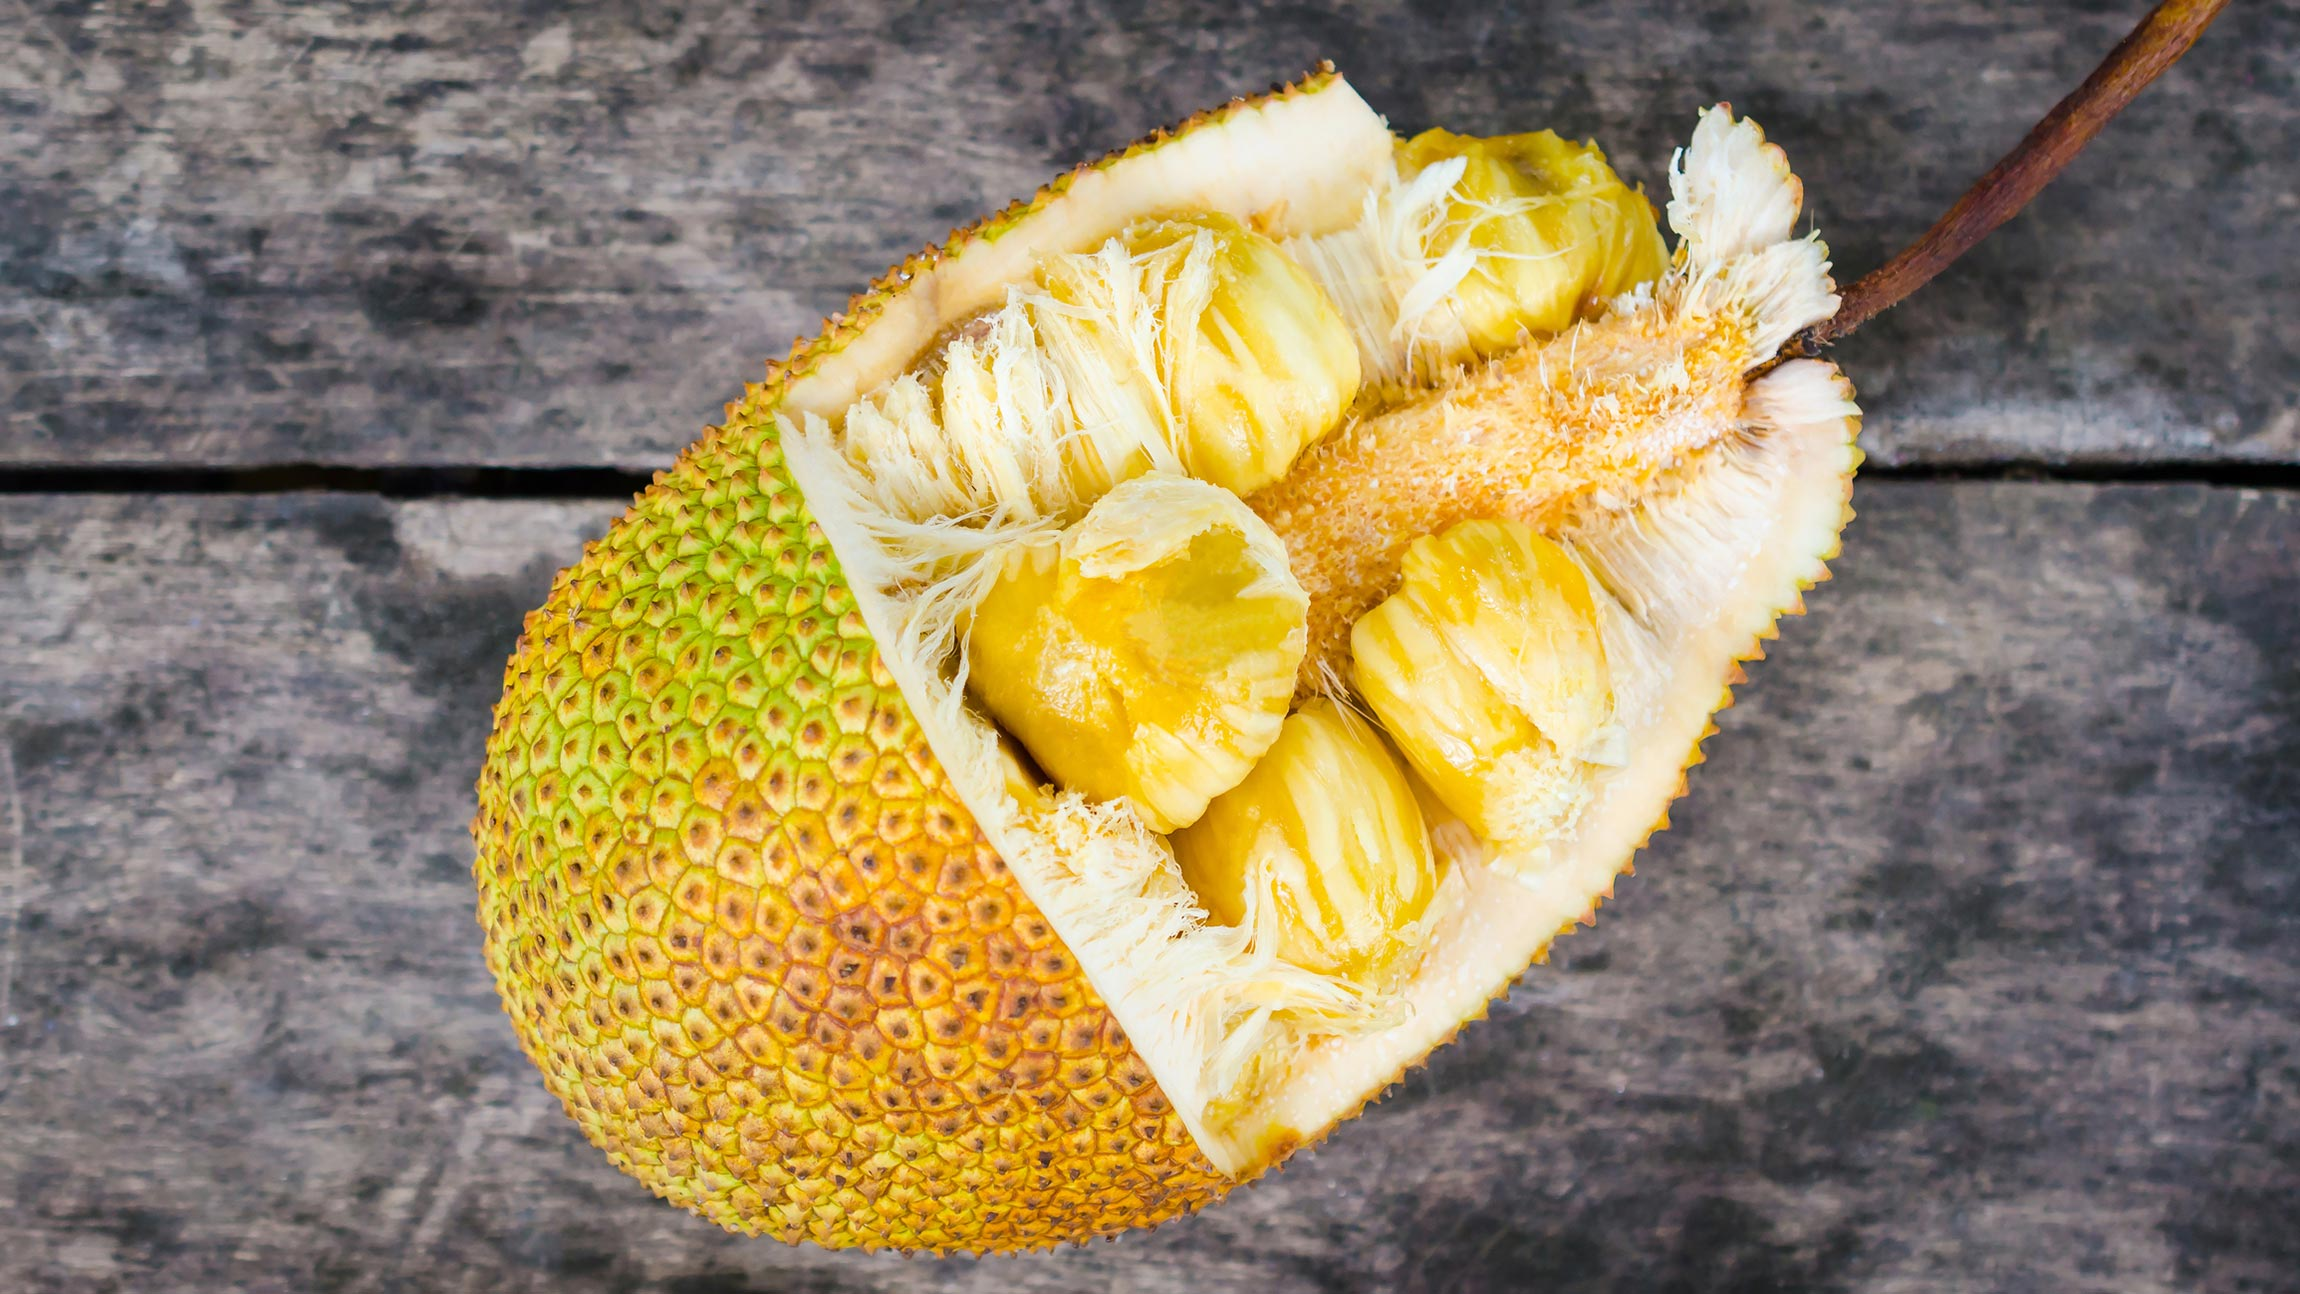 What a jackfruit looks like on the inside.